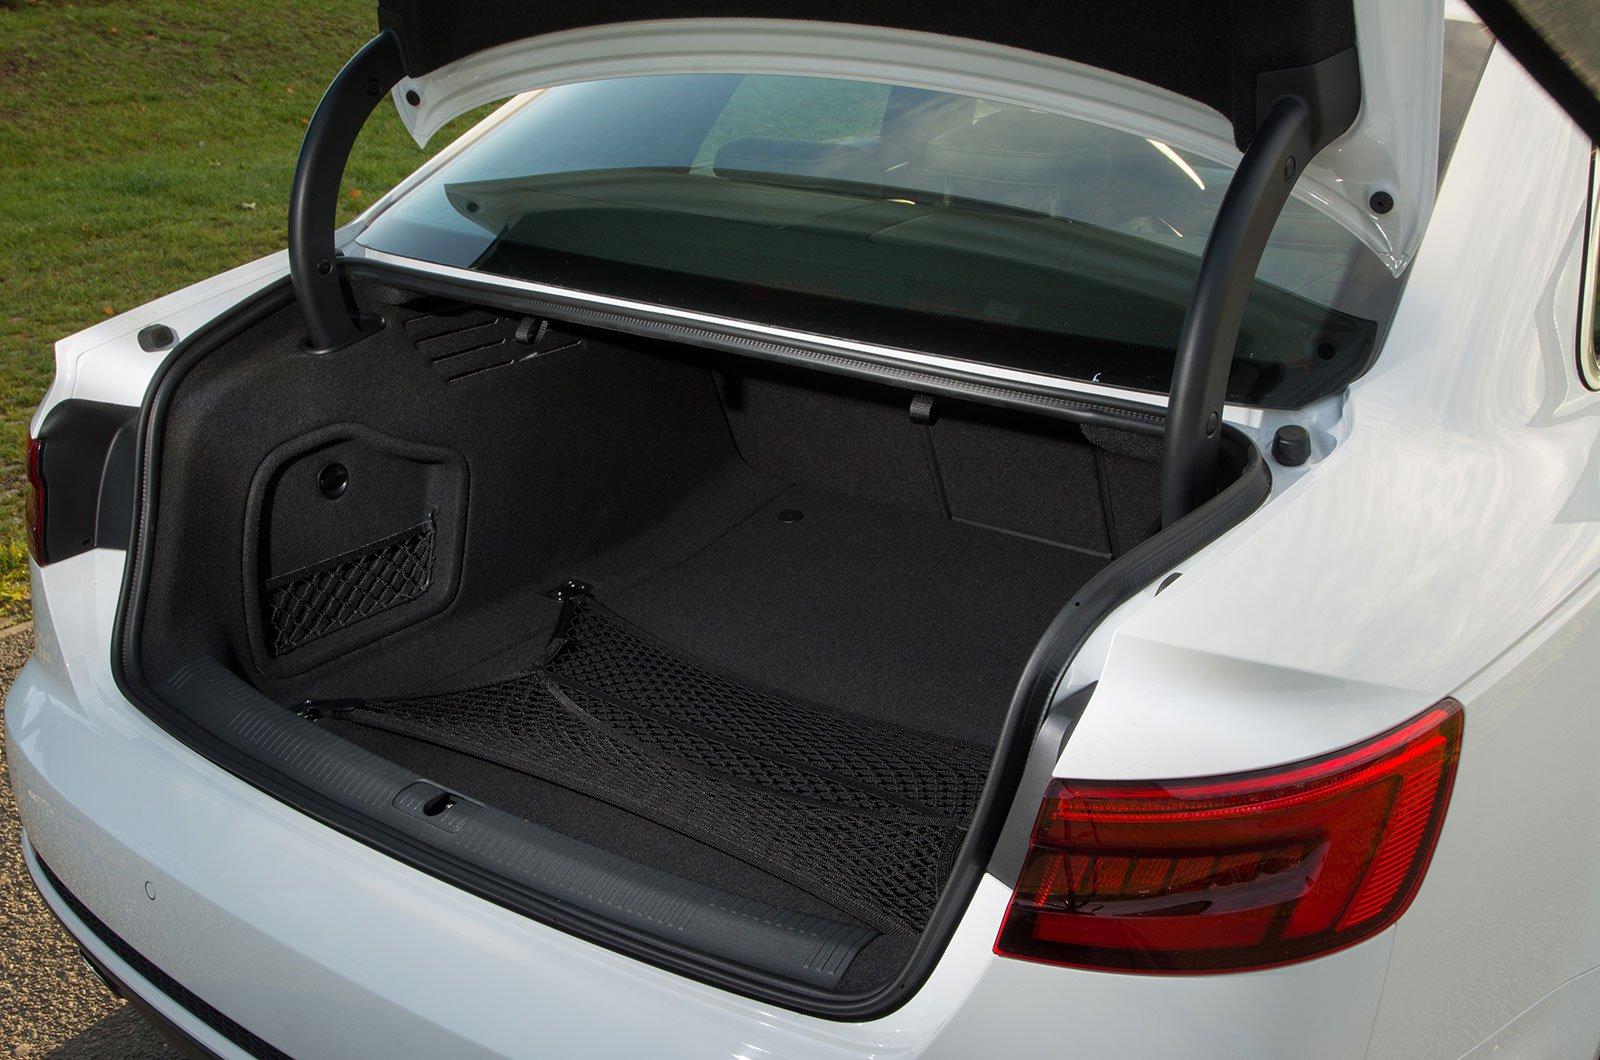 Audi A4 boot